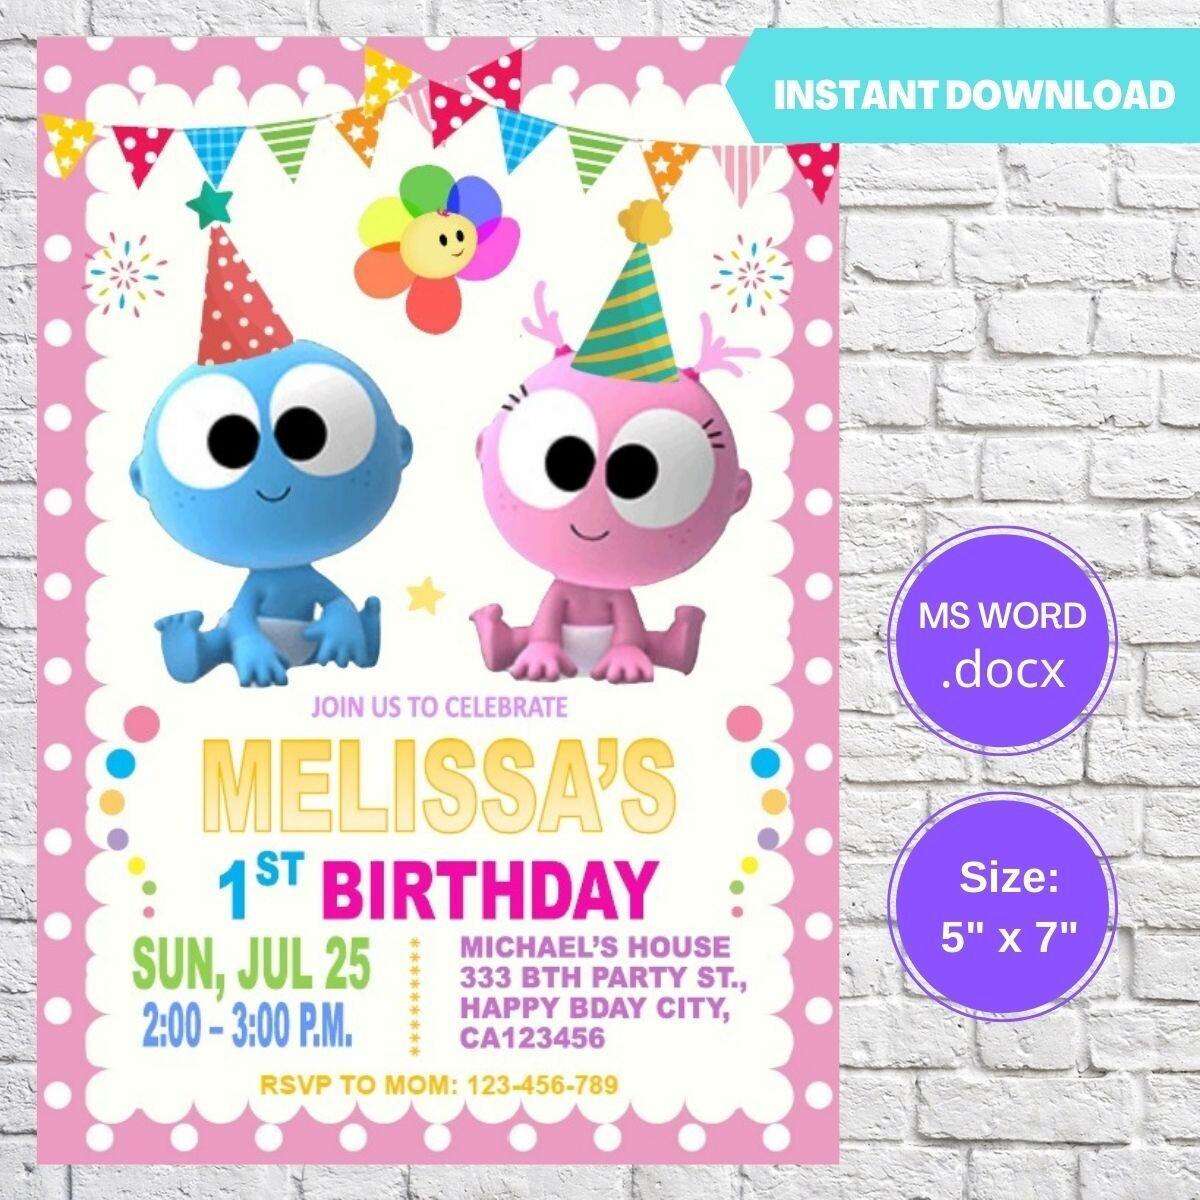 GooGoo & GaaGaa Birthday Party Invitation Template